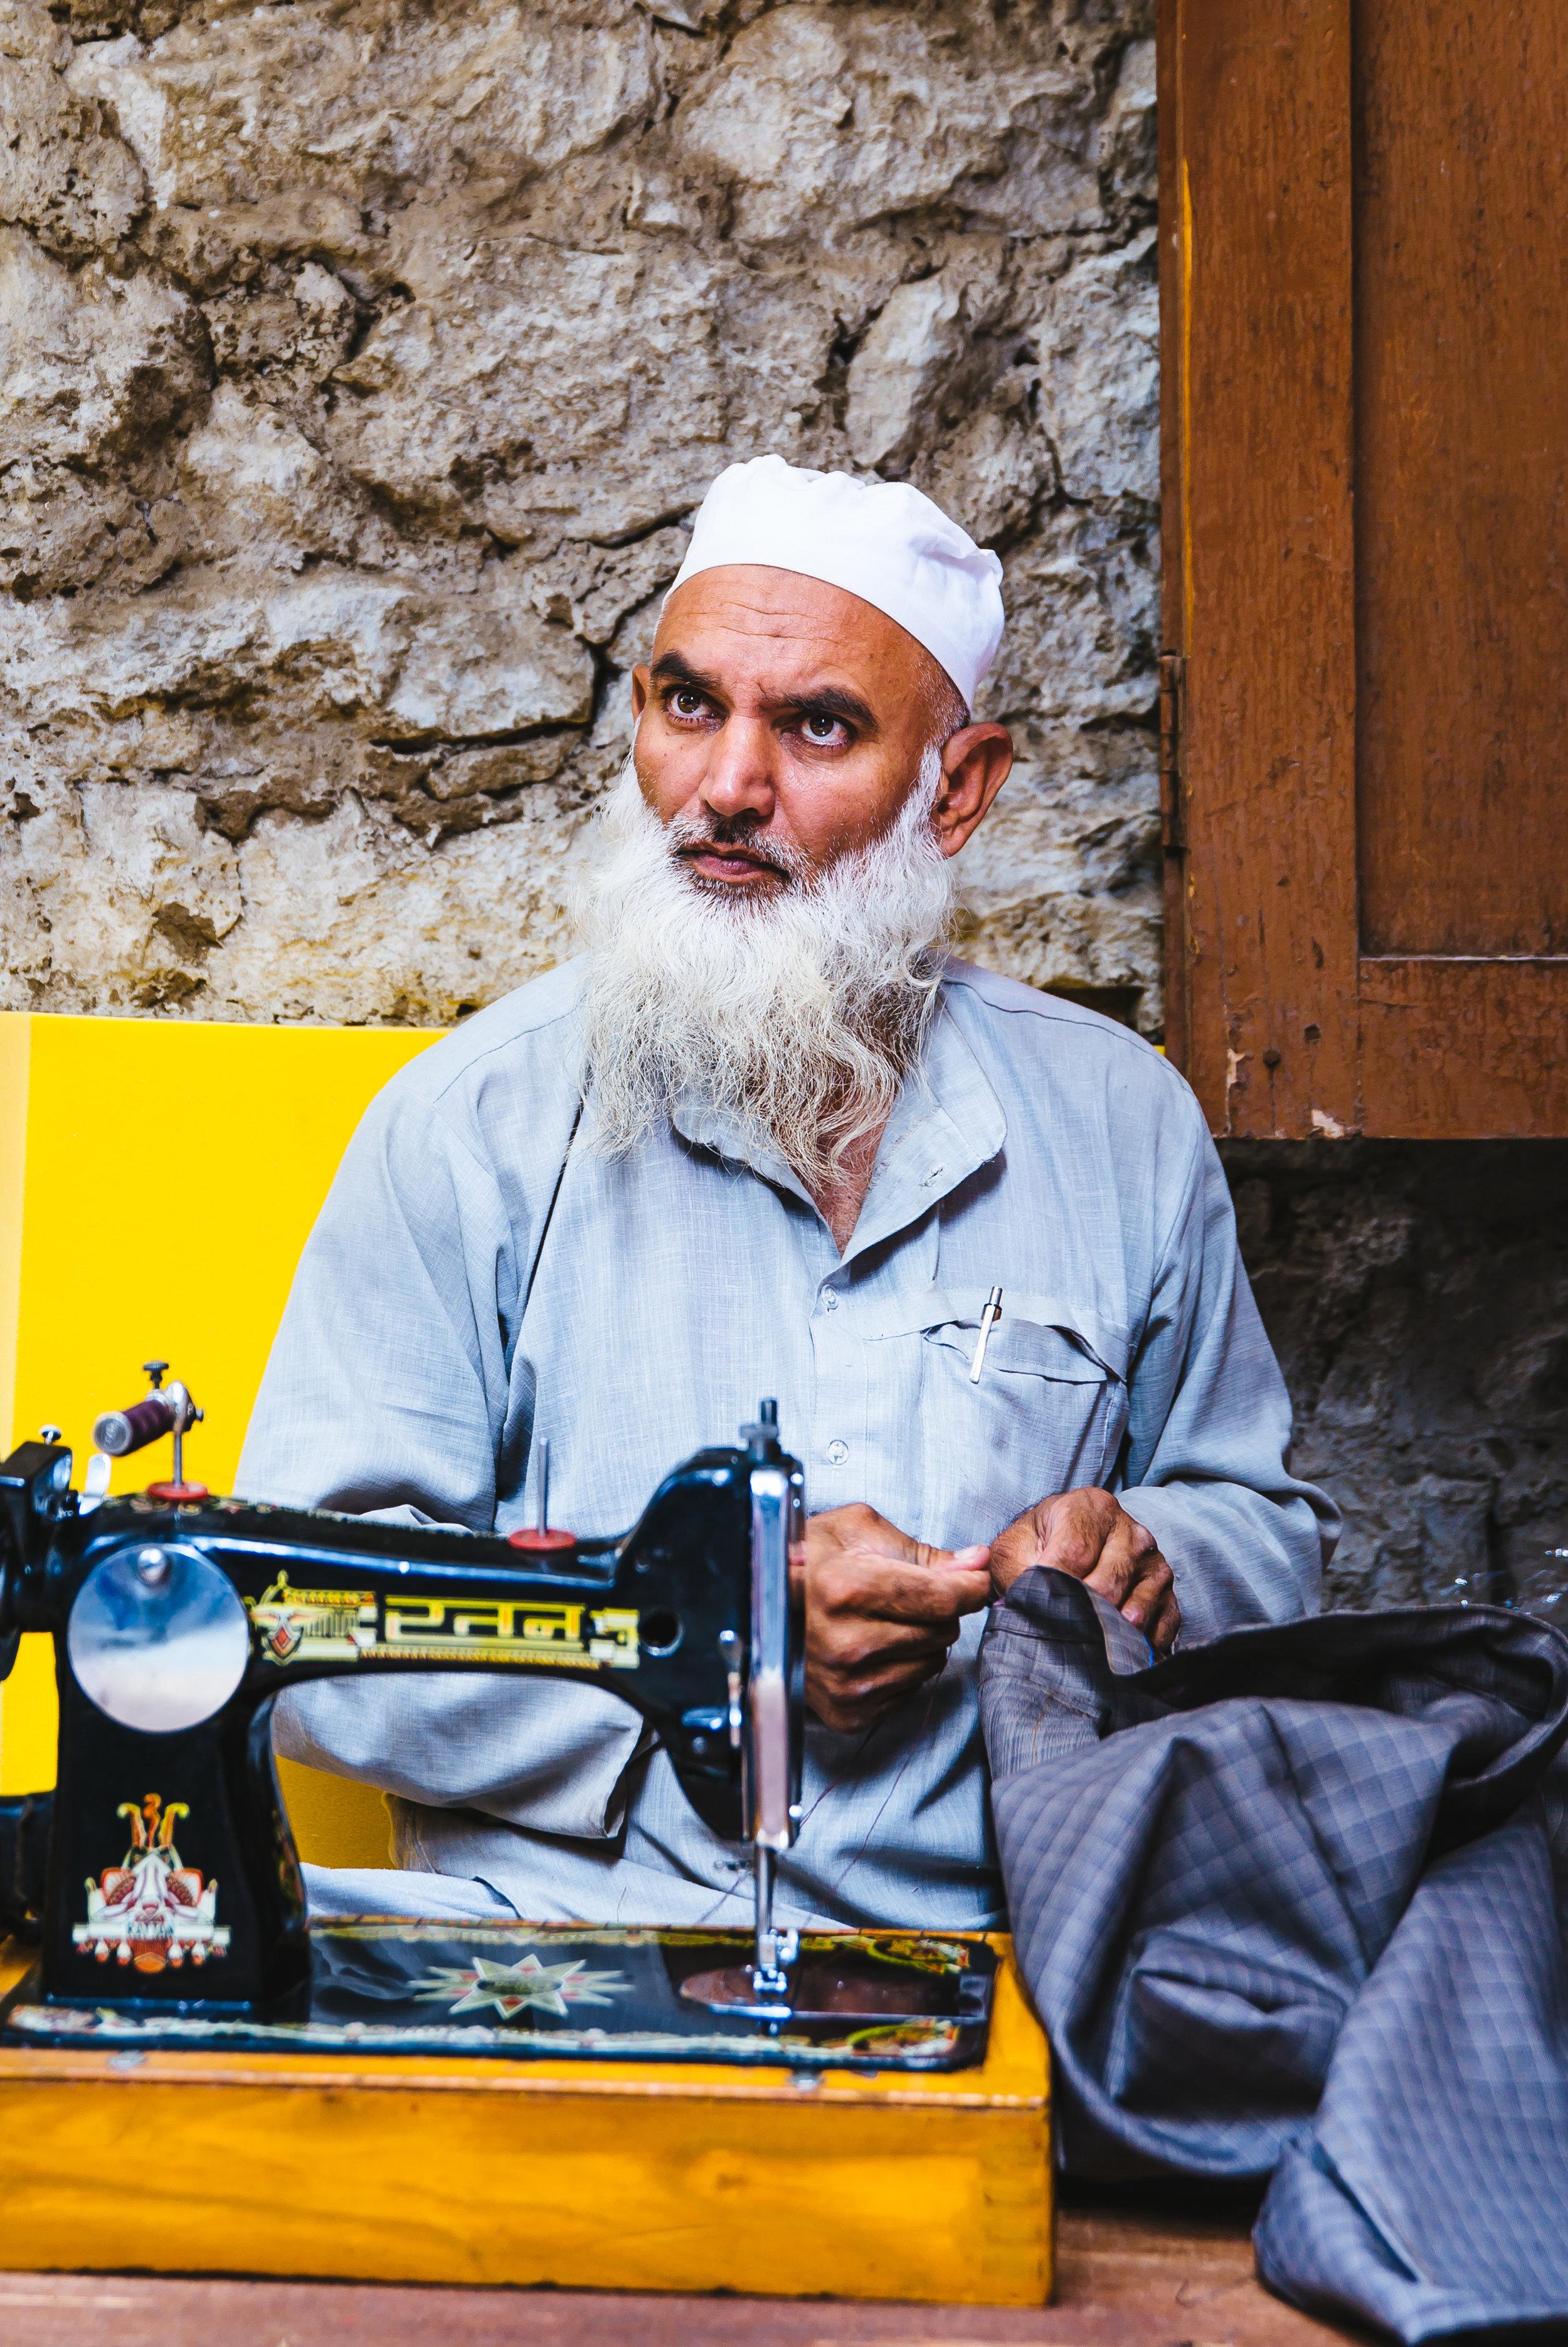 tailor in Leh, India